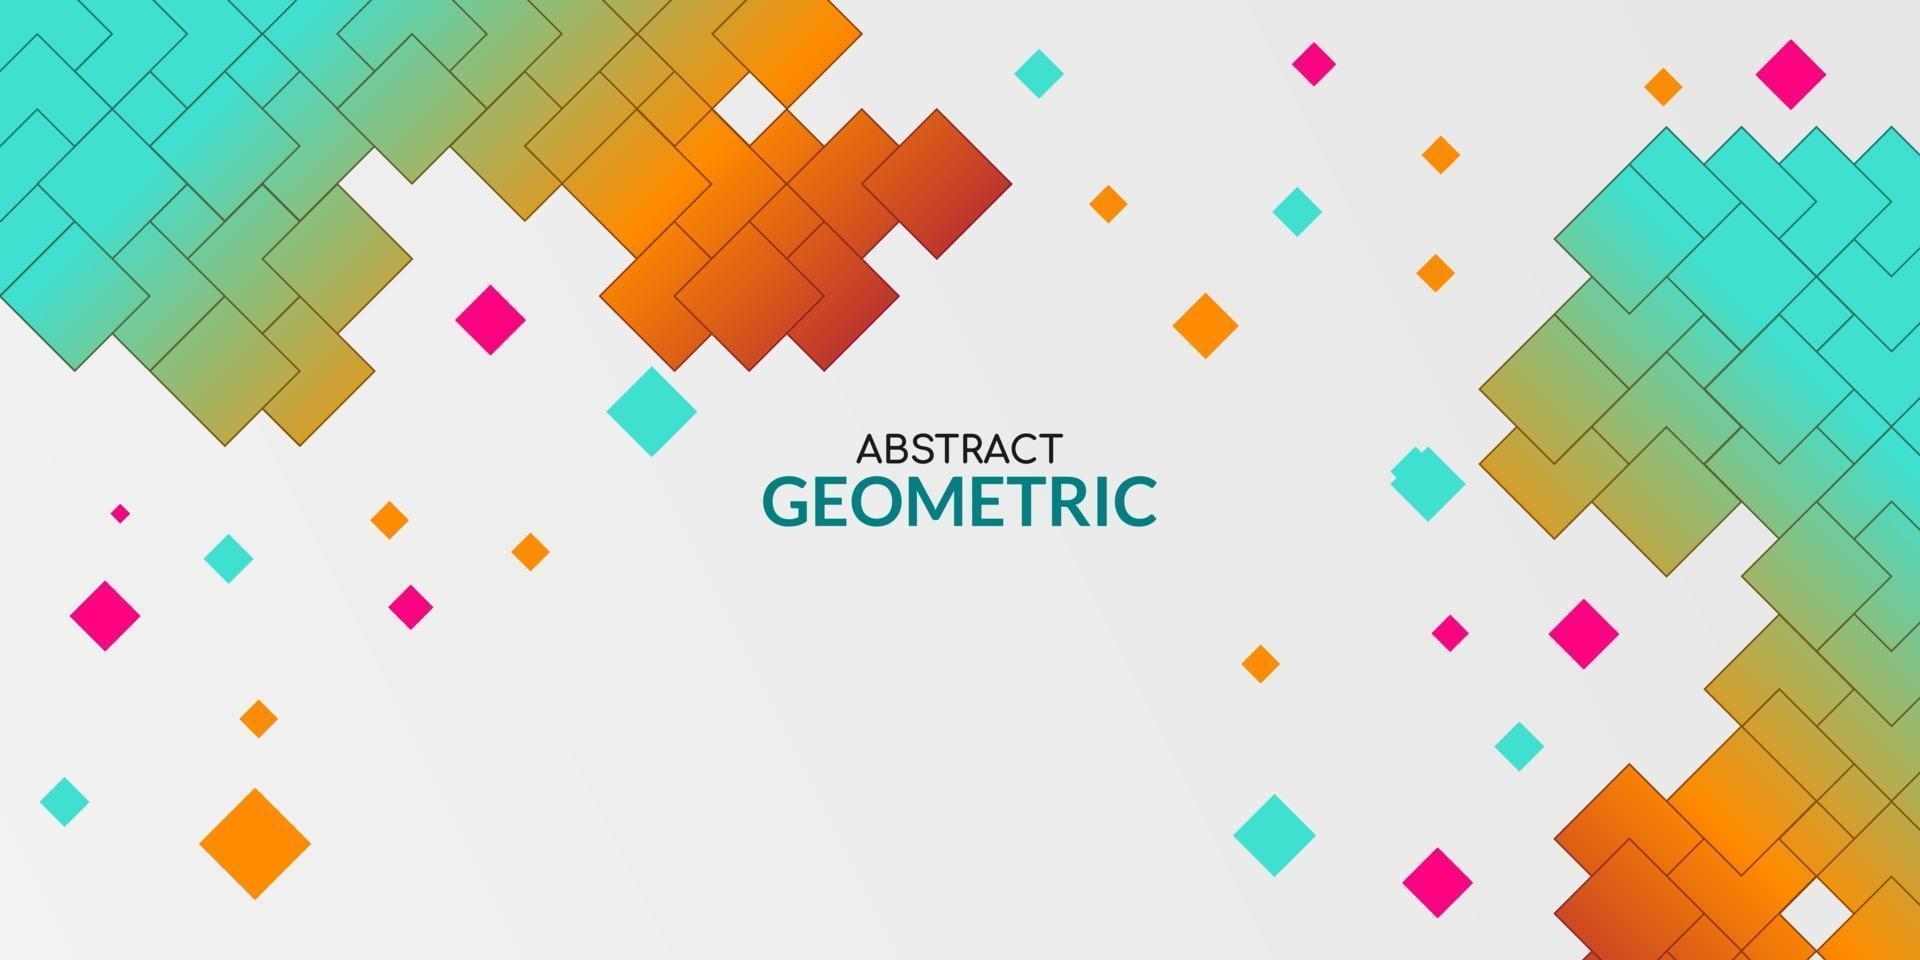 sfondo astratto con forme geometriche sfumate colorate vettore